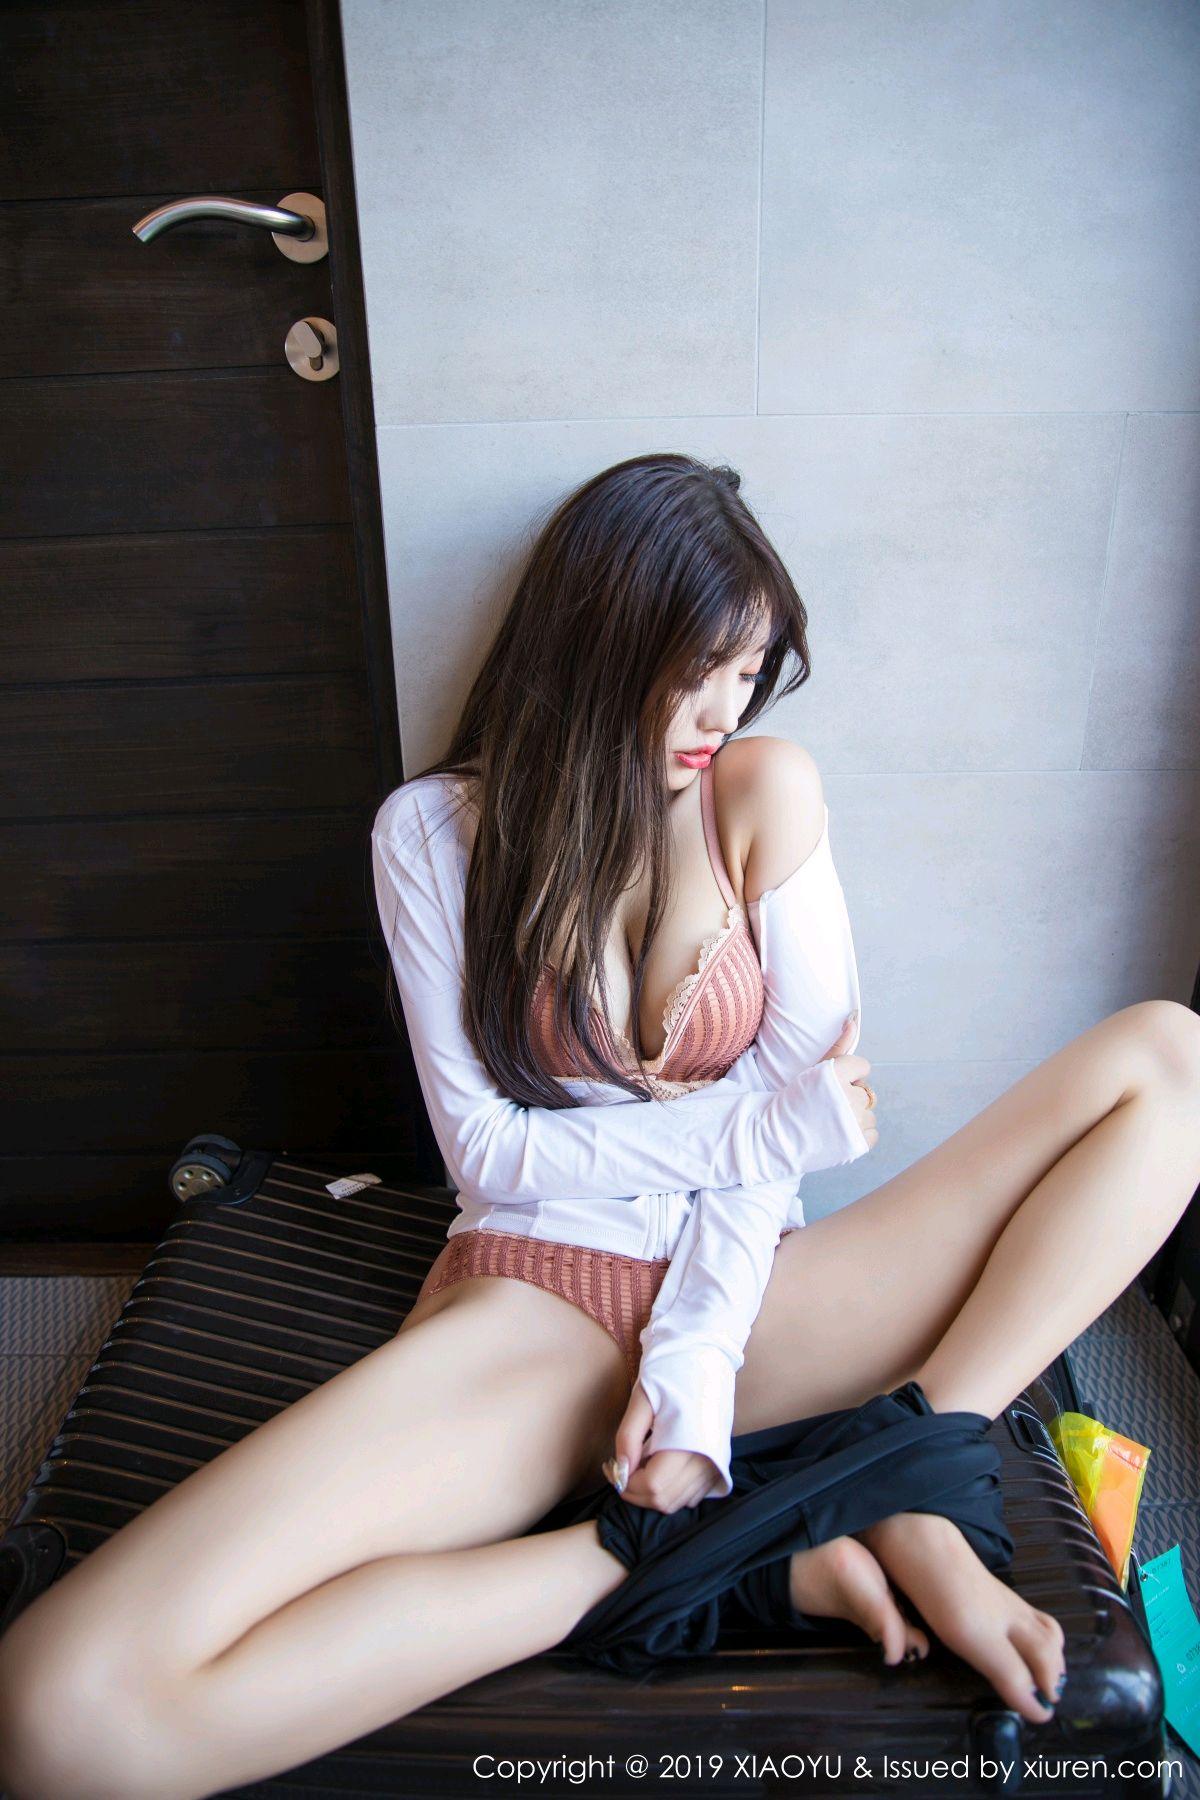 [XiaoYu] Vol.077 Yang Chen Chen Sugar 59P, Underwear, XiaoYu, Yang Chen Chen